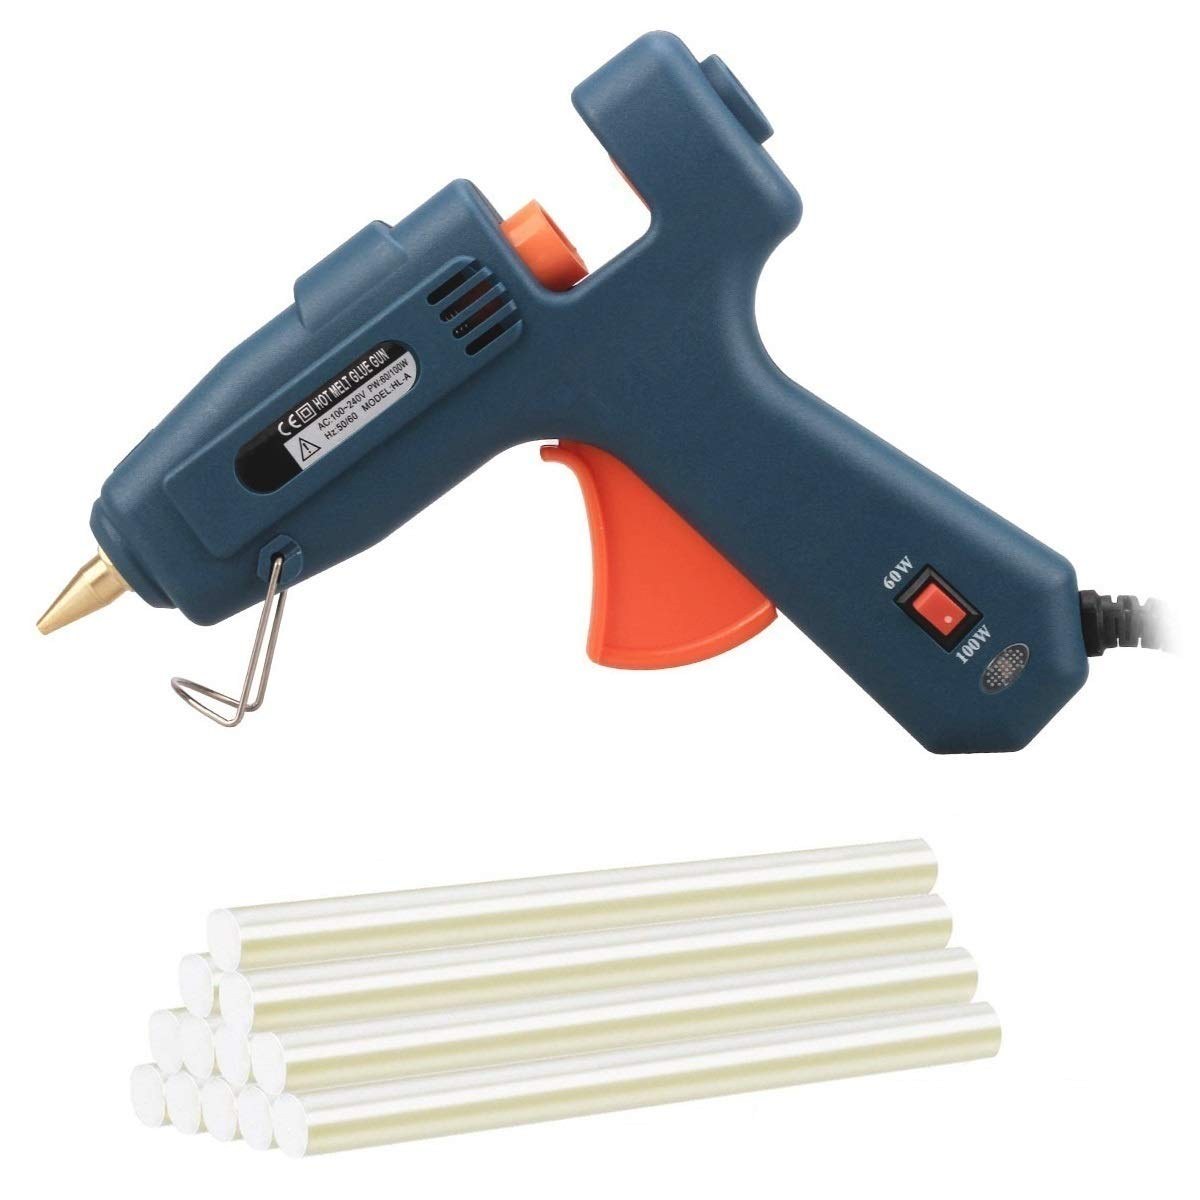 Hot Glue Guns 60W 100W Dual Power High Temperature Hot Melt Glue Gun with 10 Glue Sticks by MSLO